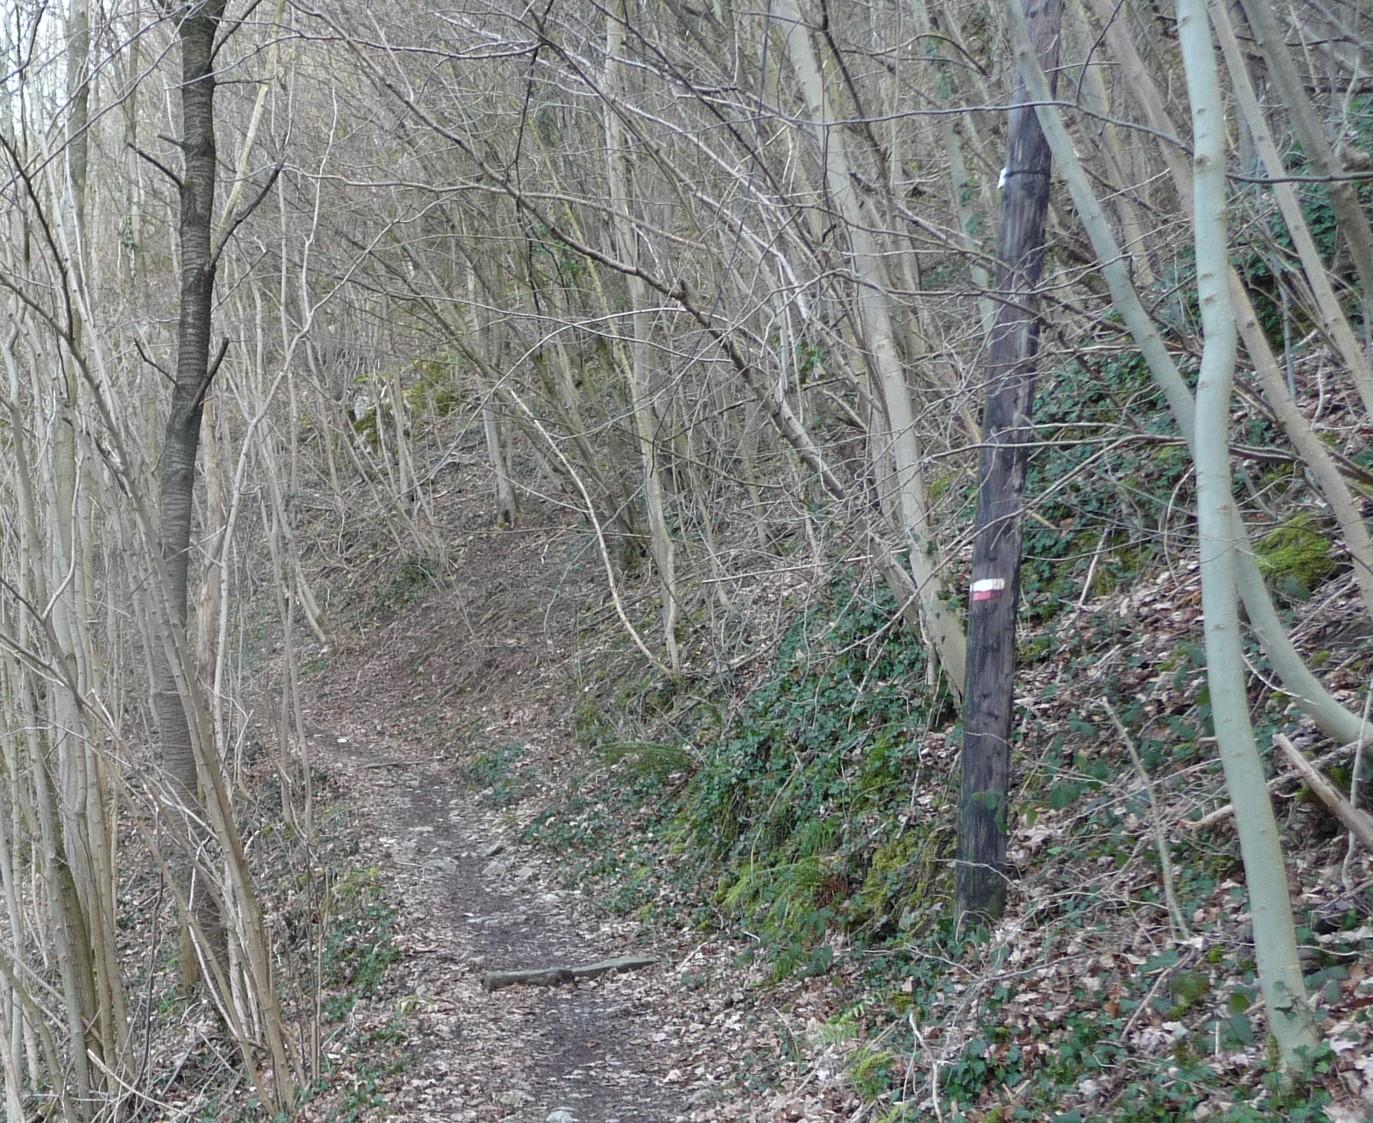 GR 571 long-distance path